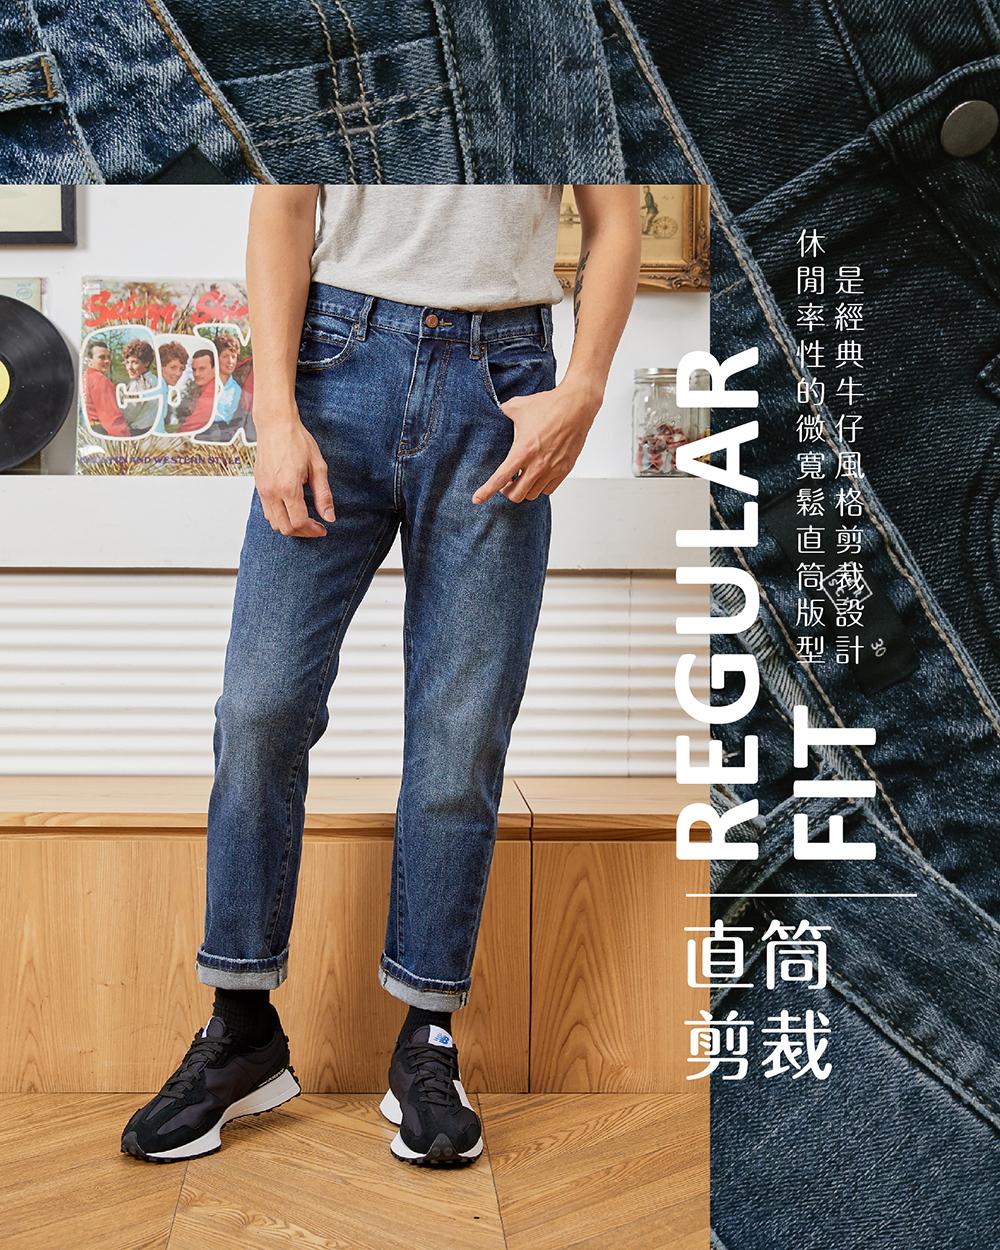 jerscy,最新商品,丹寧牛仔褲,直筒寬鬆剪裁,男,REGULARFIT,